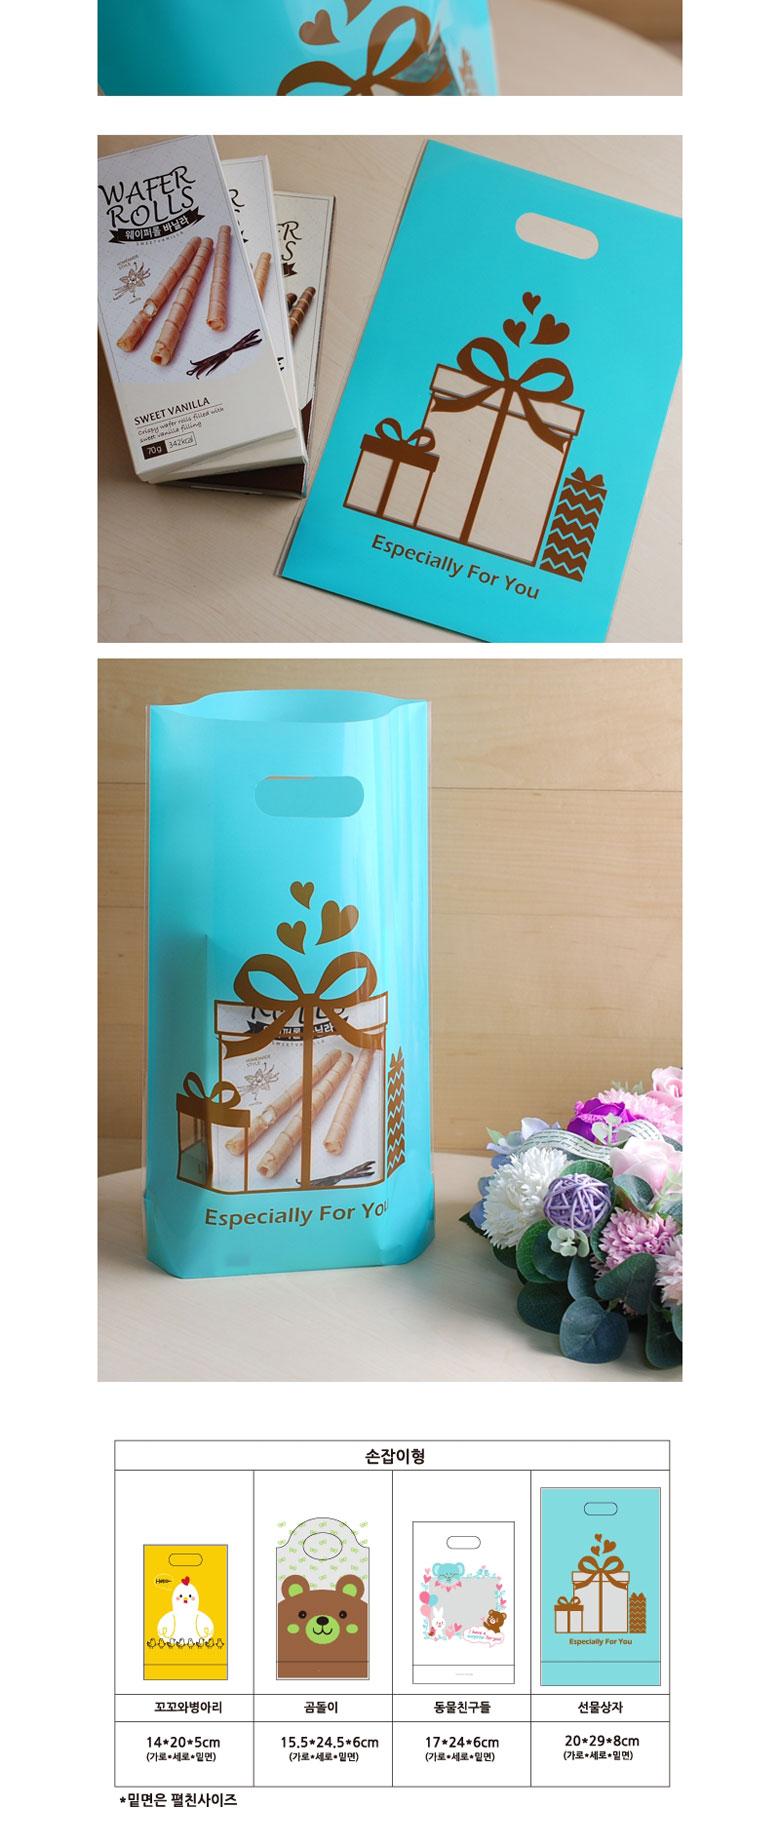 비닐쇼핑백 스탠드형 - 투명창선물상자 민트 10장 - 이홈베이킹, 2,000원, DIY재료, 포장용구